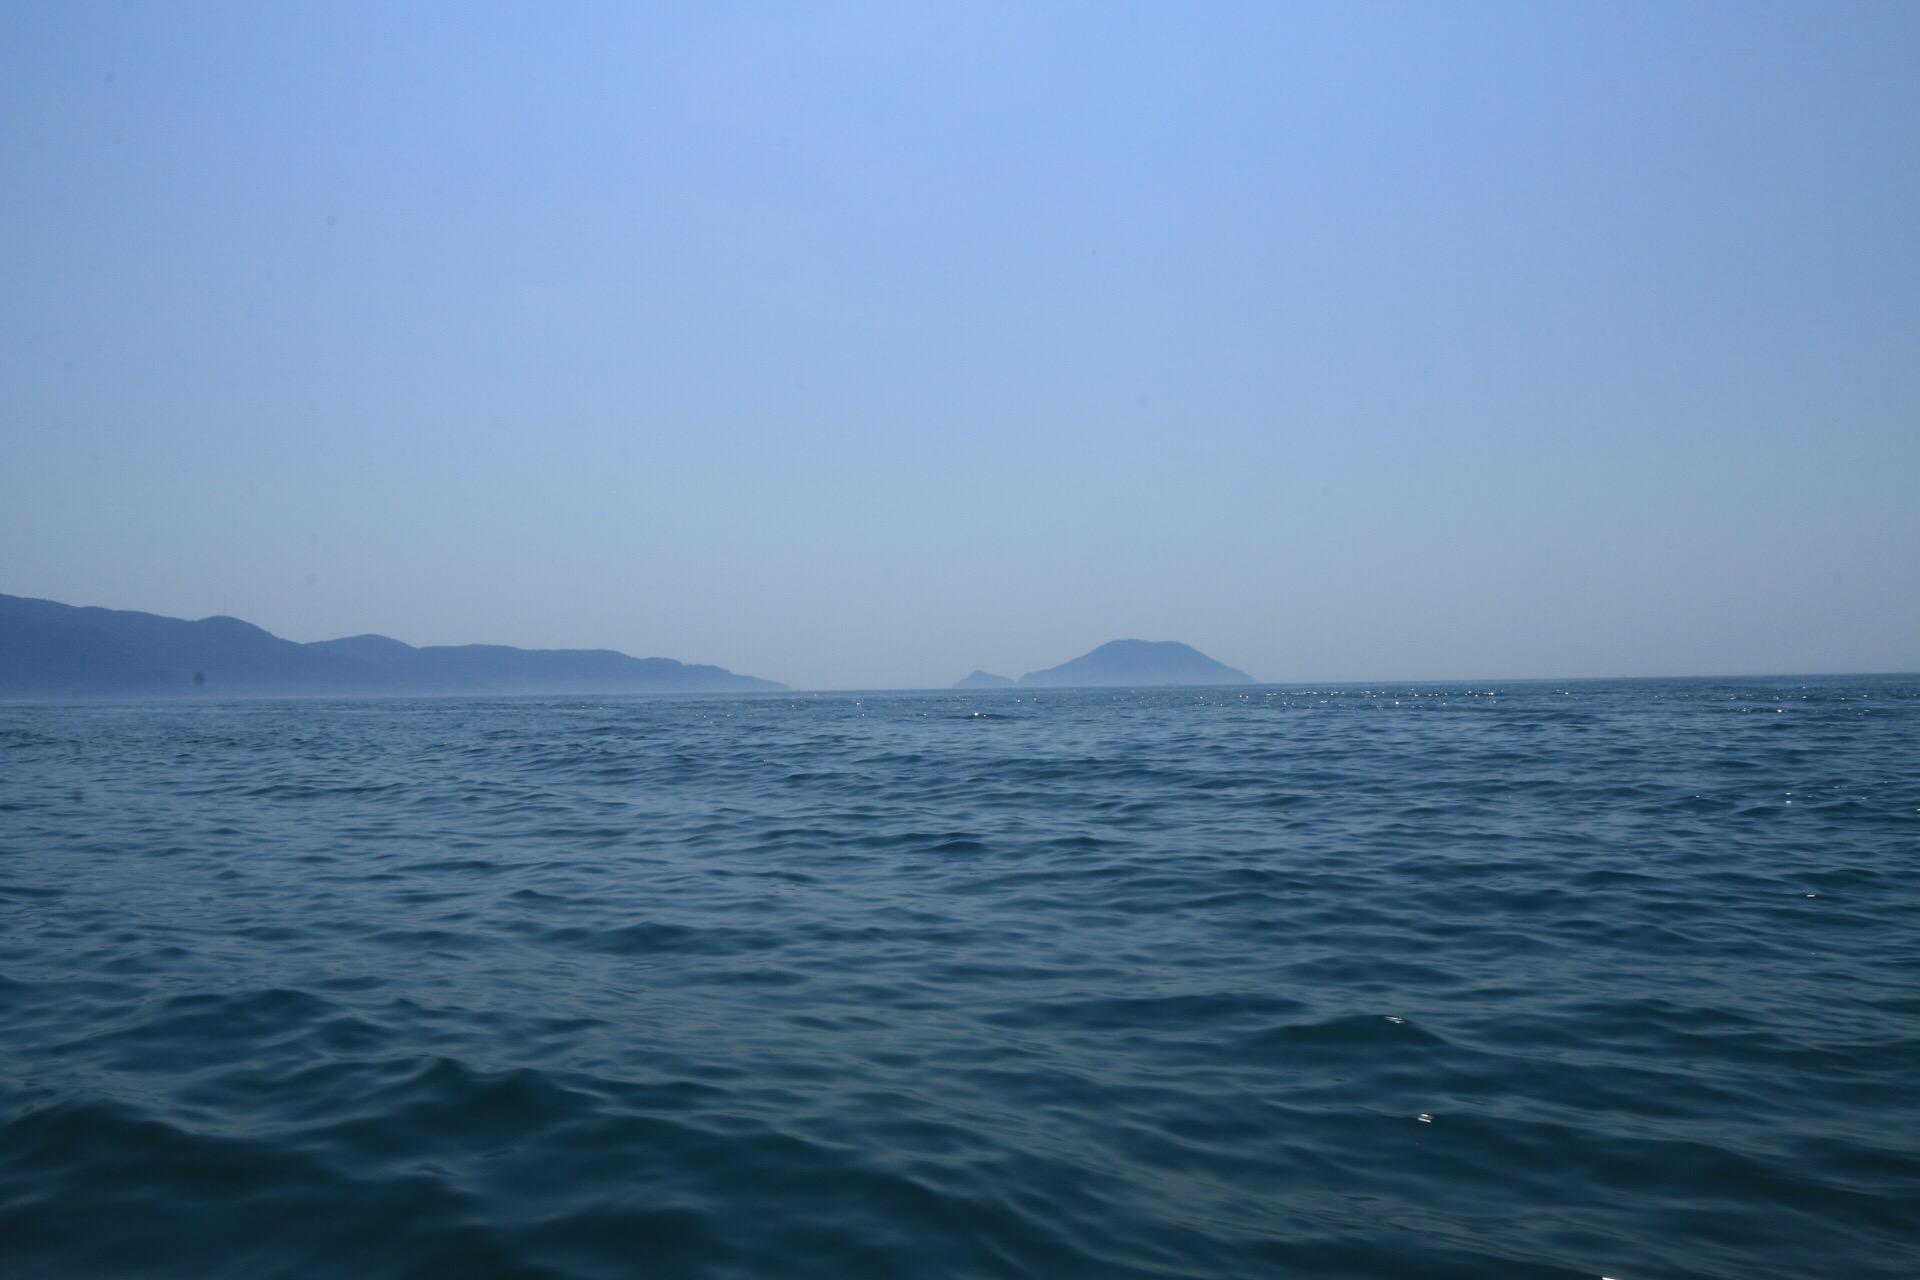 Langsam konnte man die Hügel der Inseln im Dunst erkennen.